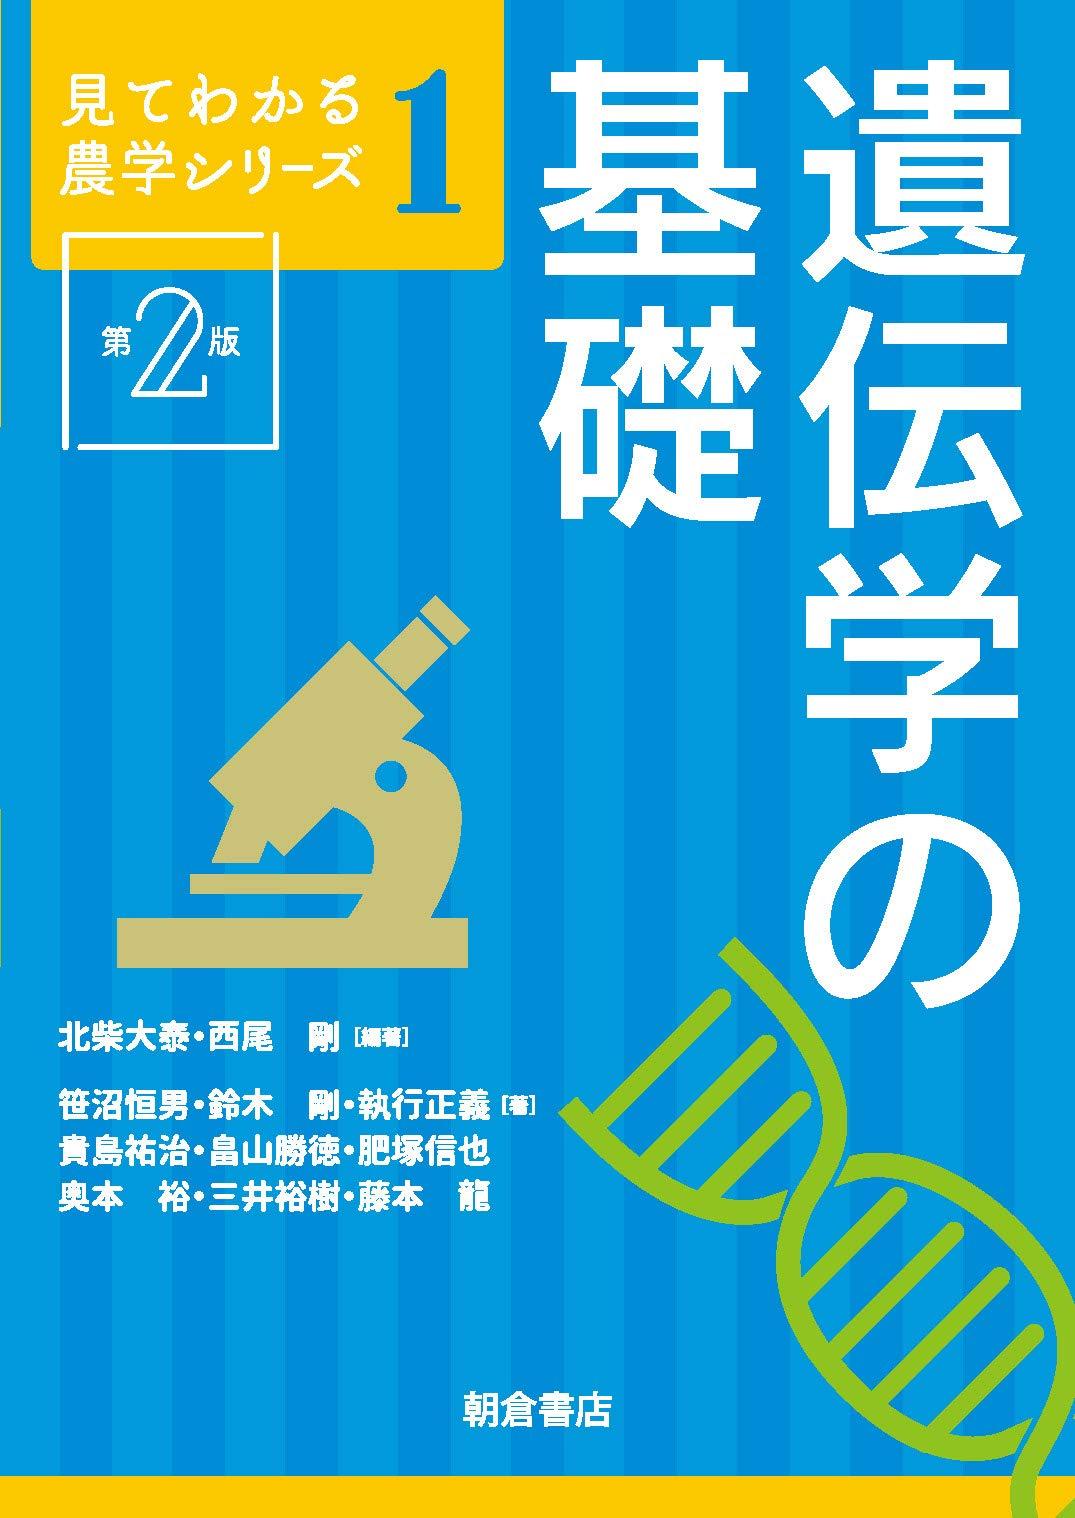 見てわかる農学シリーズ 遺伝学の基礎 (第2版) 三井裕樹ほか